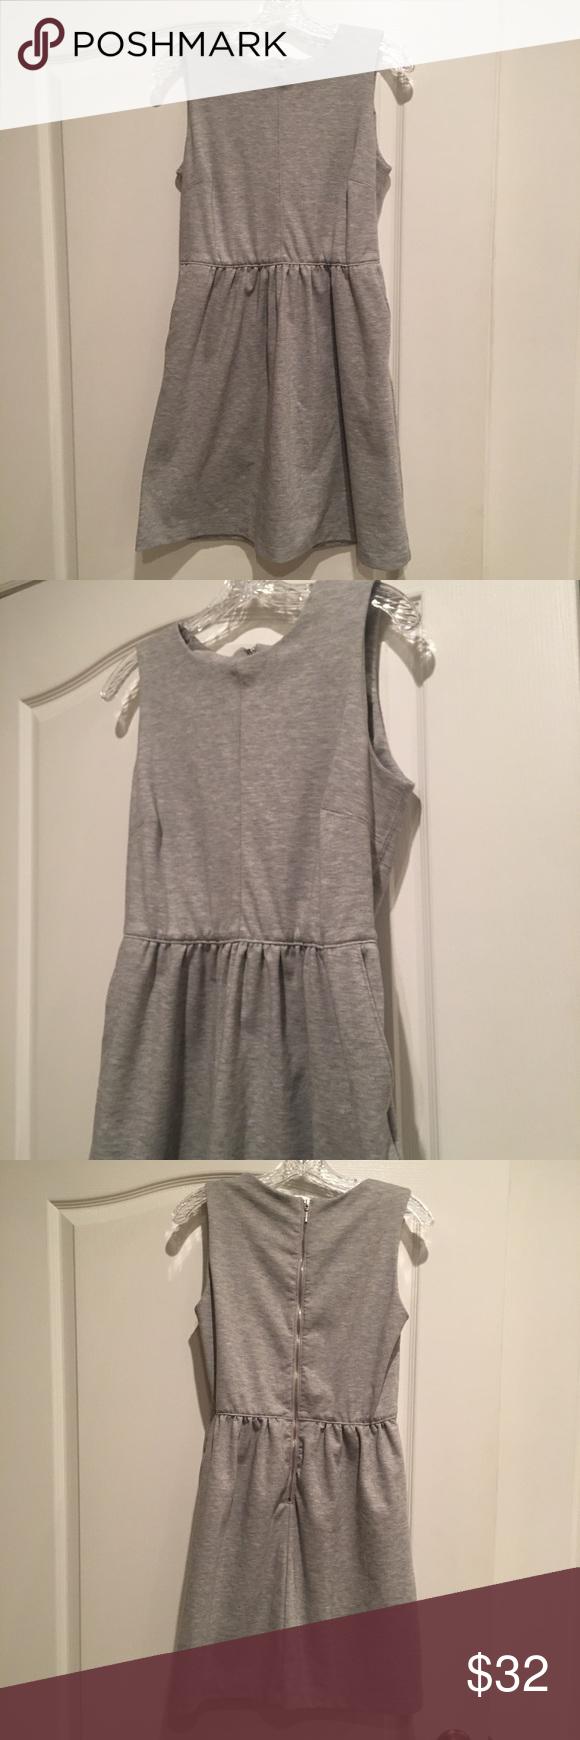 Paraphrase Grey A Line Dres With Pocket Clothe Design Dresse Dress